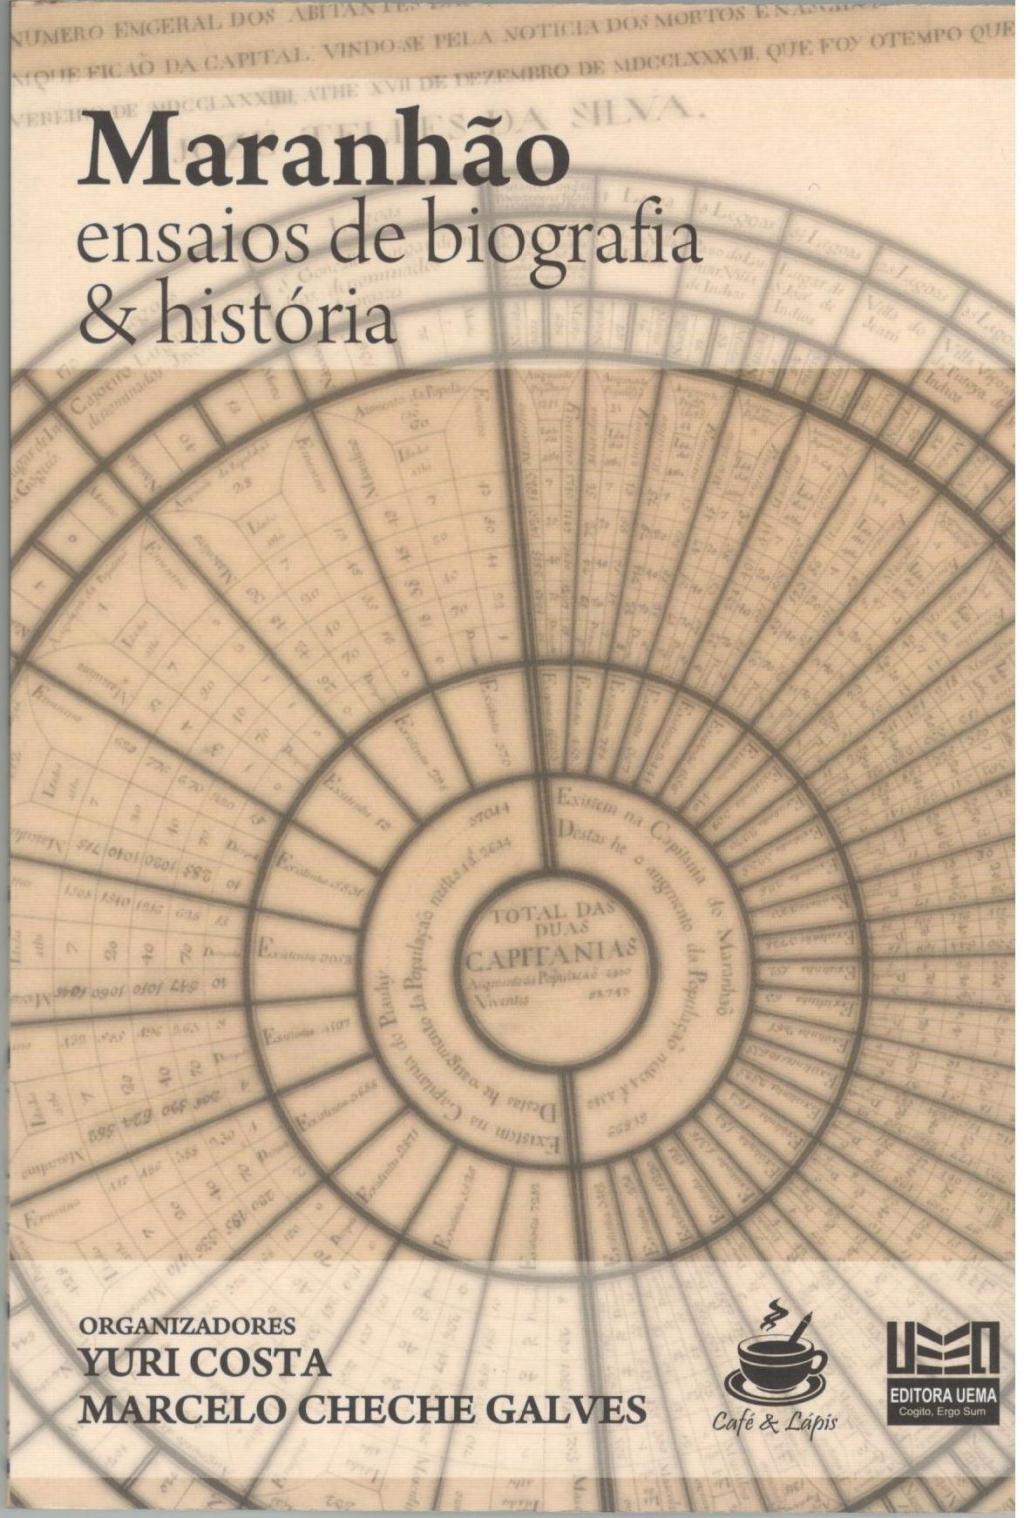 Maranhão ensaios de biografia e história